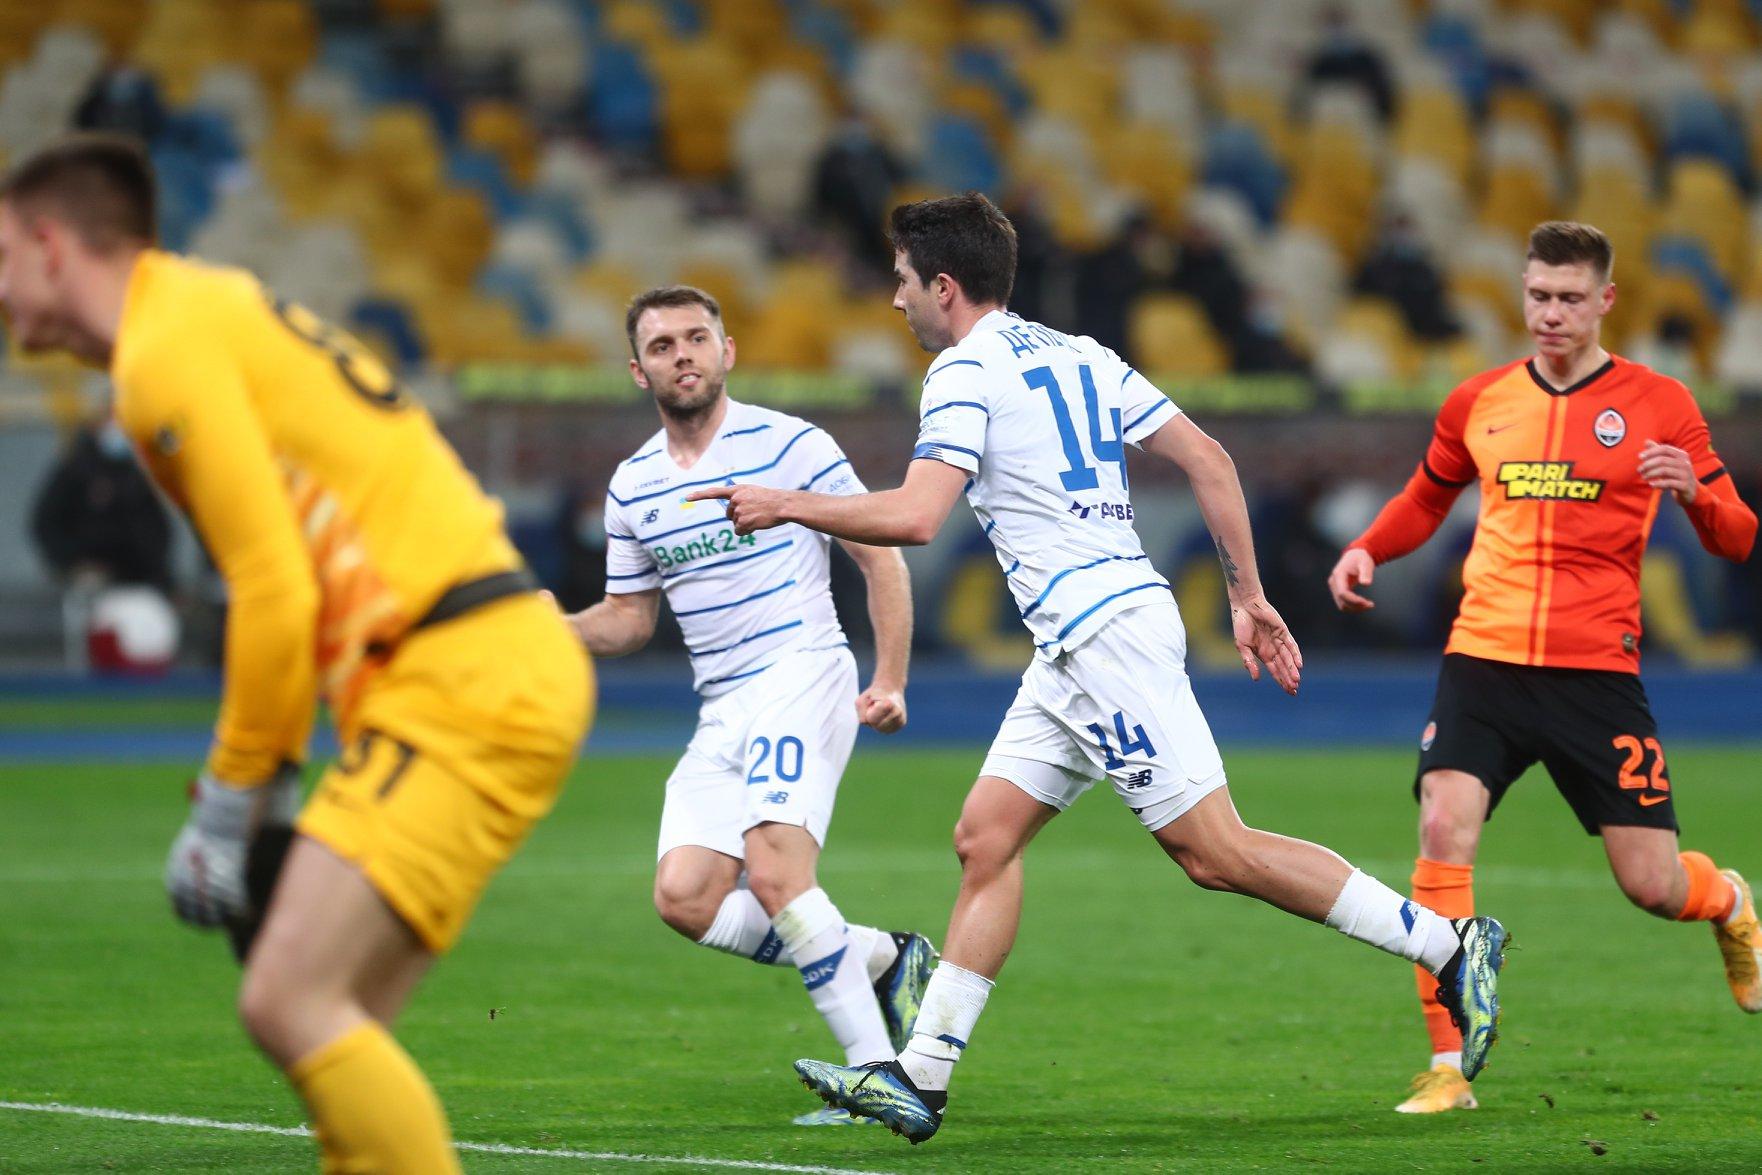 DinamoKiev1